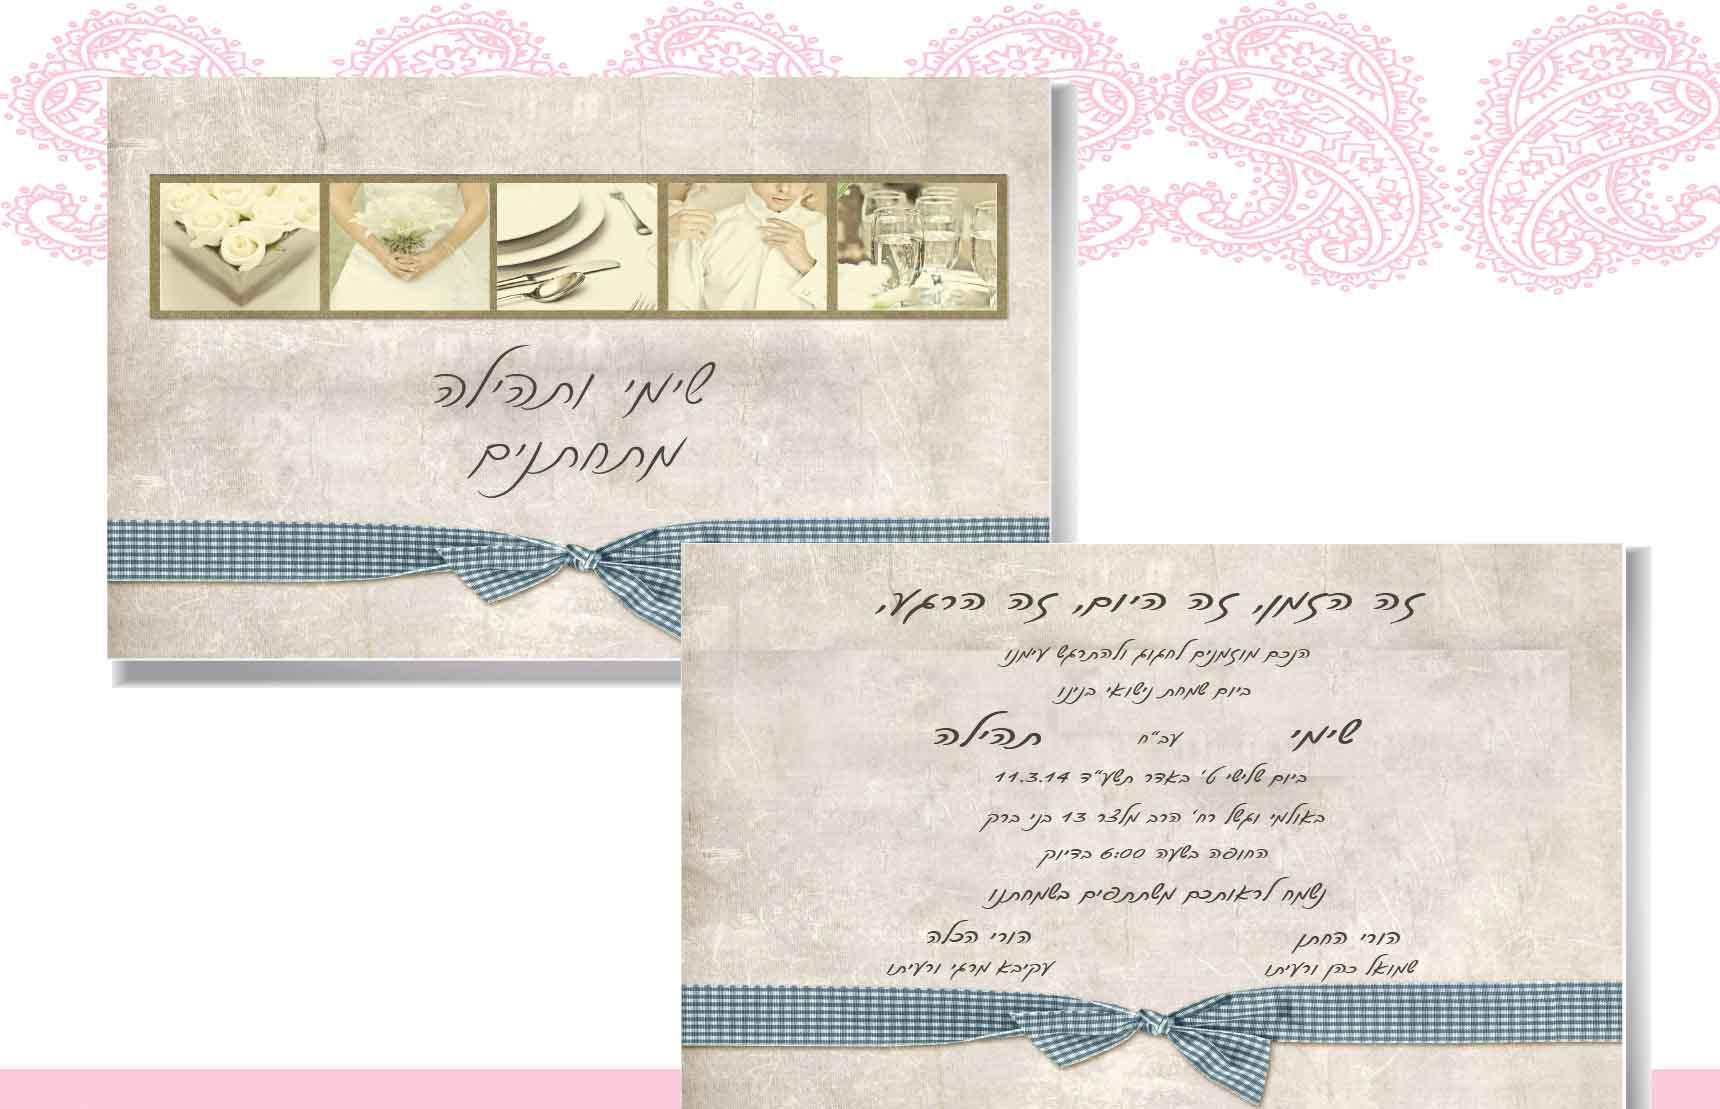 עיצוב הזמנות לחתונה דוגמאות